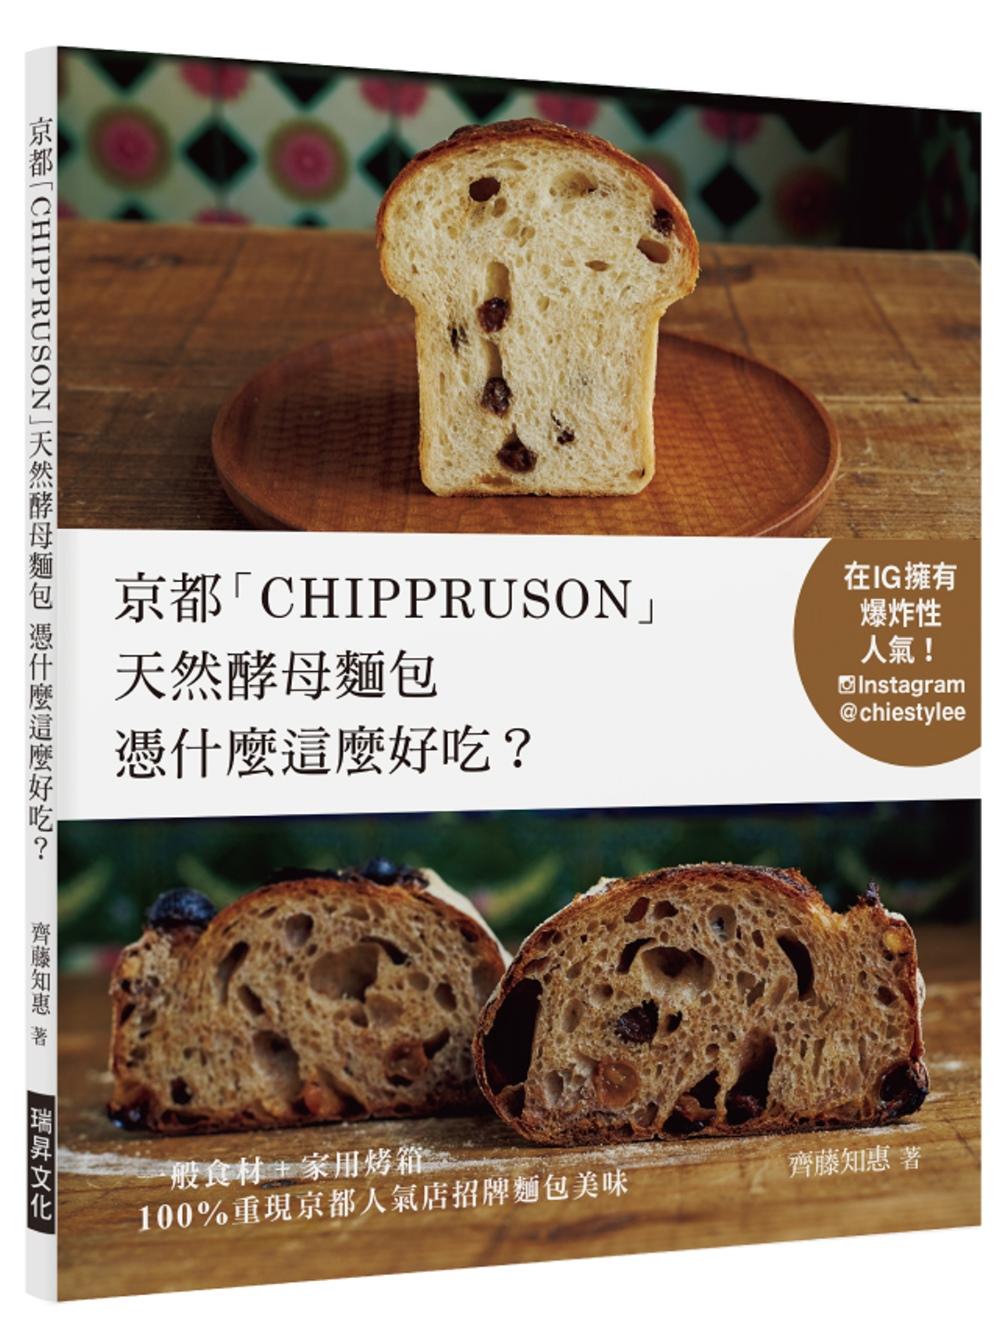 京都「CHIPPRUSON」天然酵母麵包憑什麼這麼好吃?:在IG擁有爆炸性人氣!一般食材+家用烤箱,100%重現京都人氣店招牌麵包美味